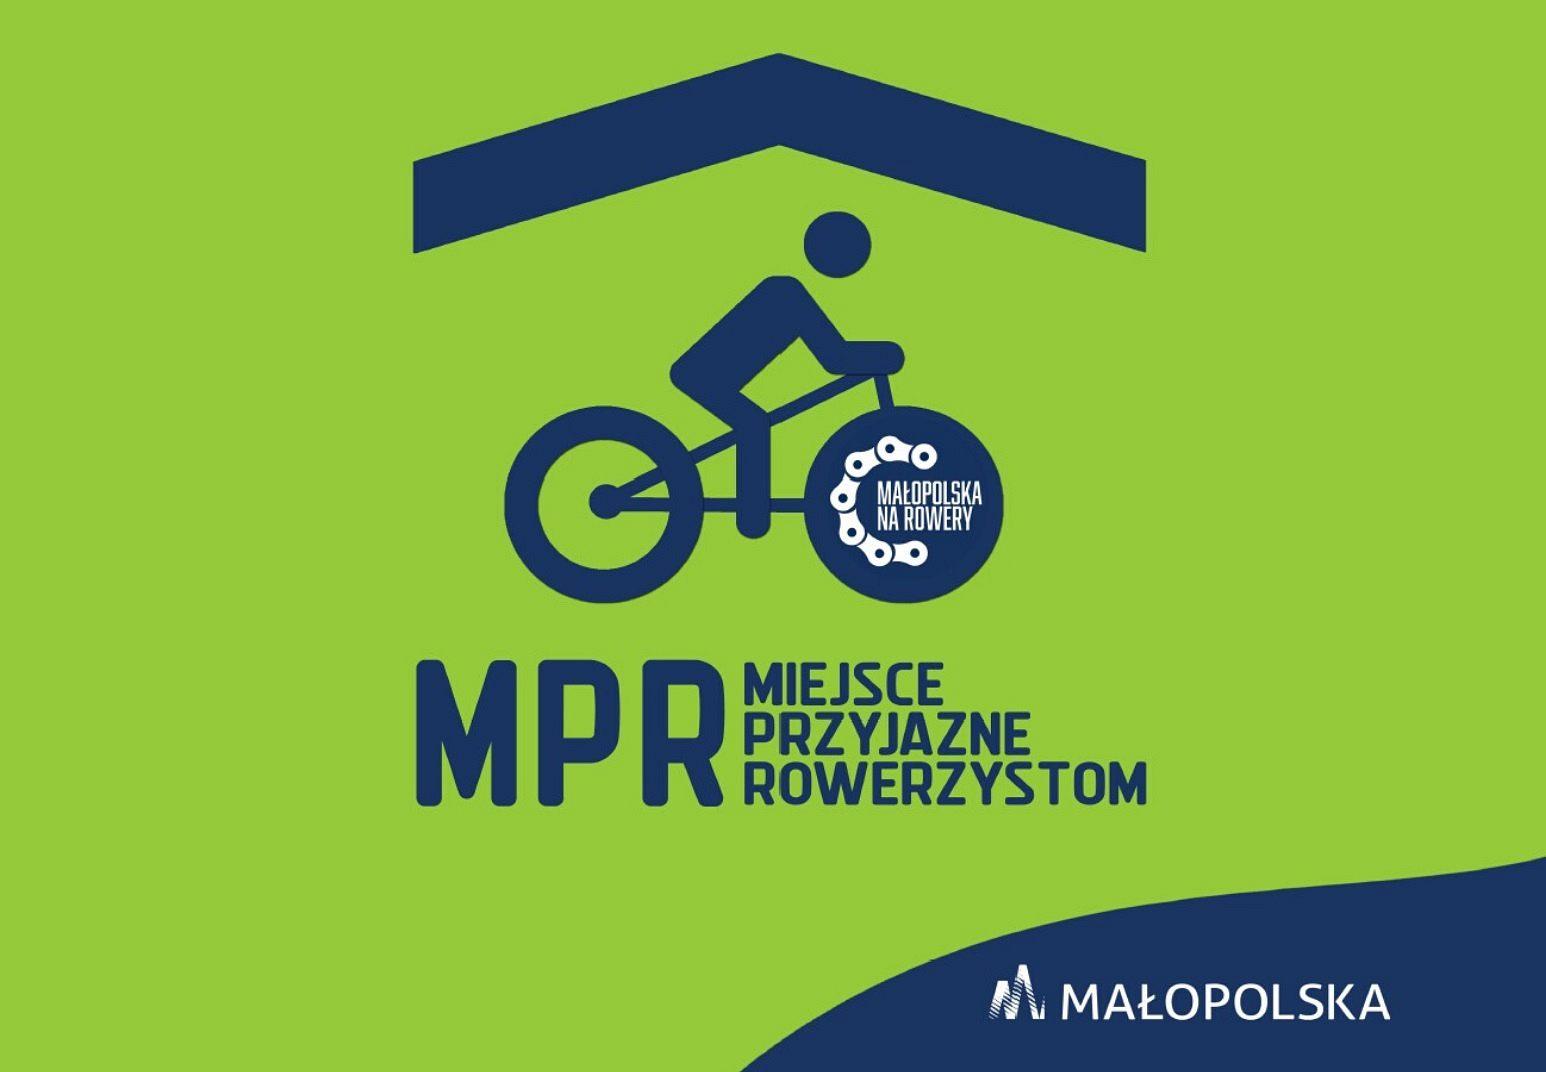 Informacji Turystycznej w Wadowicach przyznano certyfikat Miejsca Przyjaznego Rowerzystom!